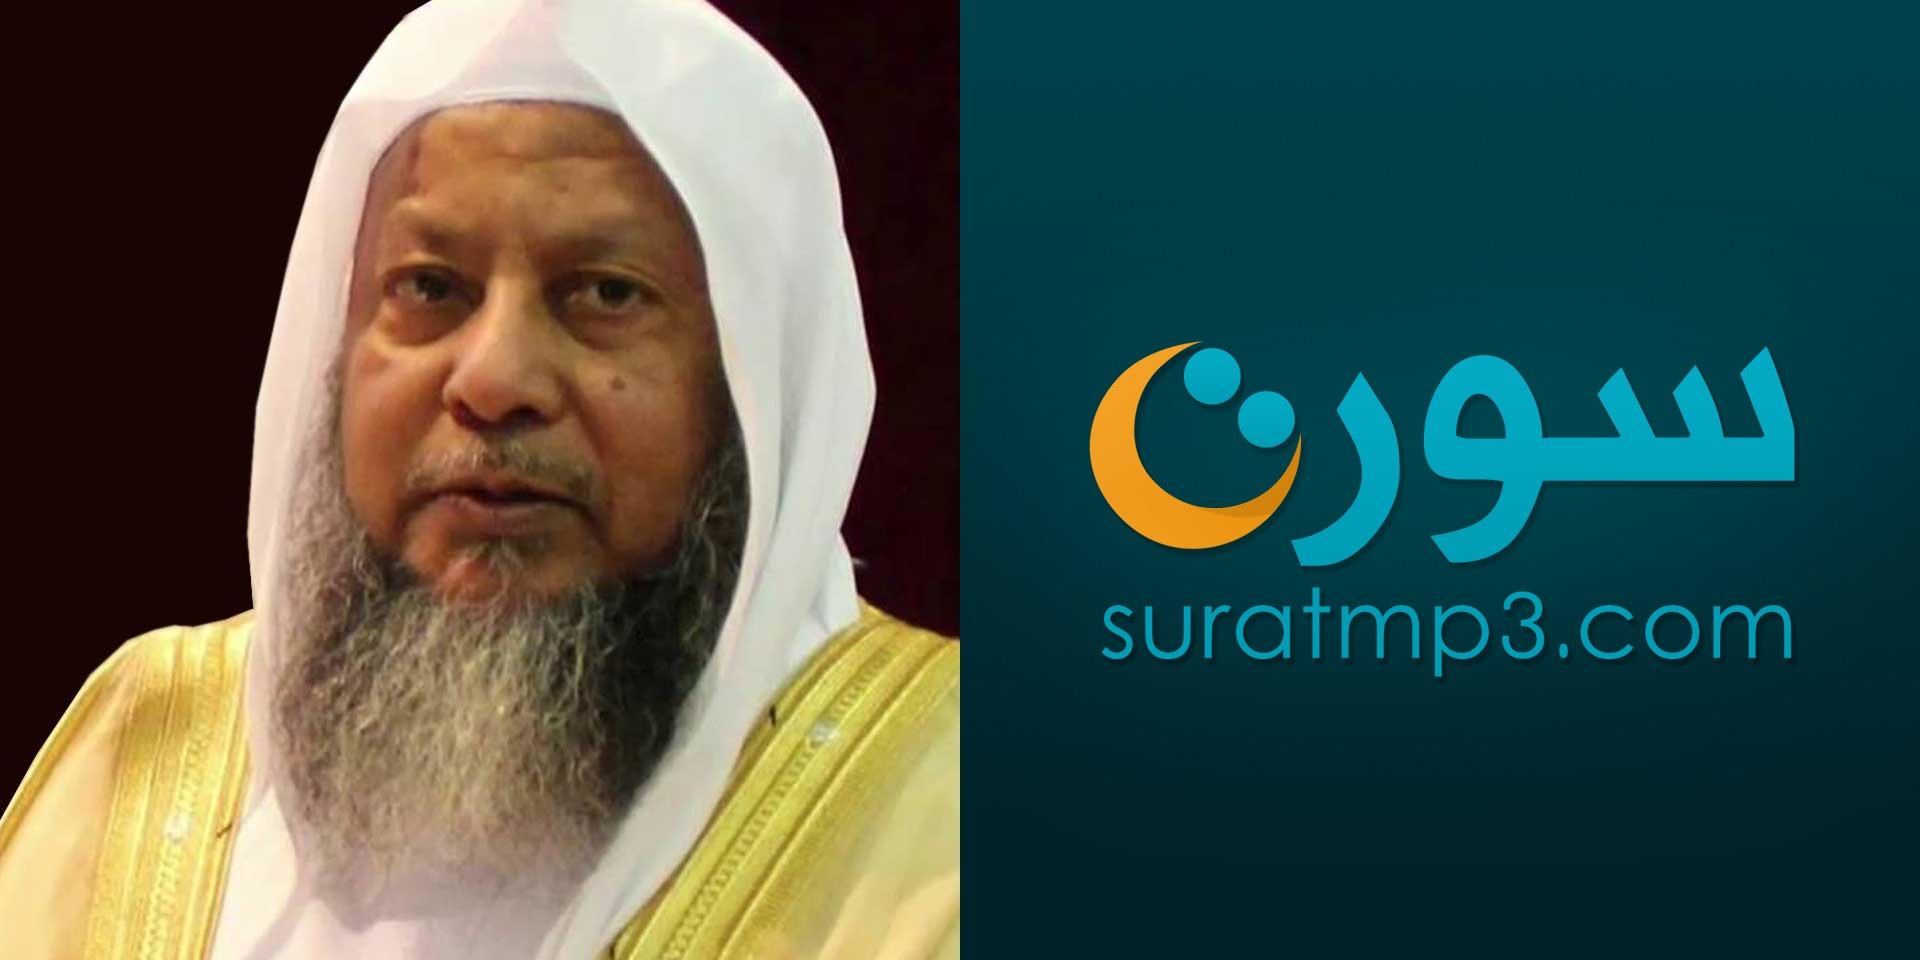 احمد العجمي mp3 تحميل مجاني